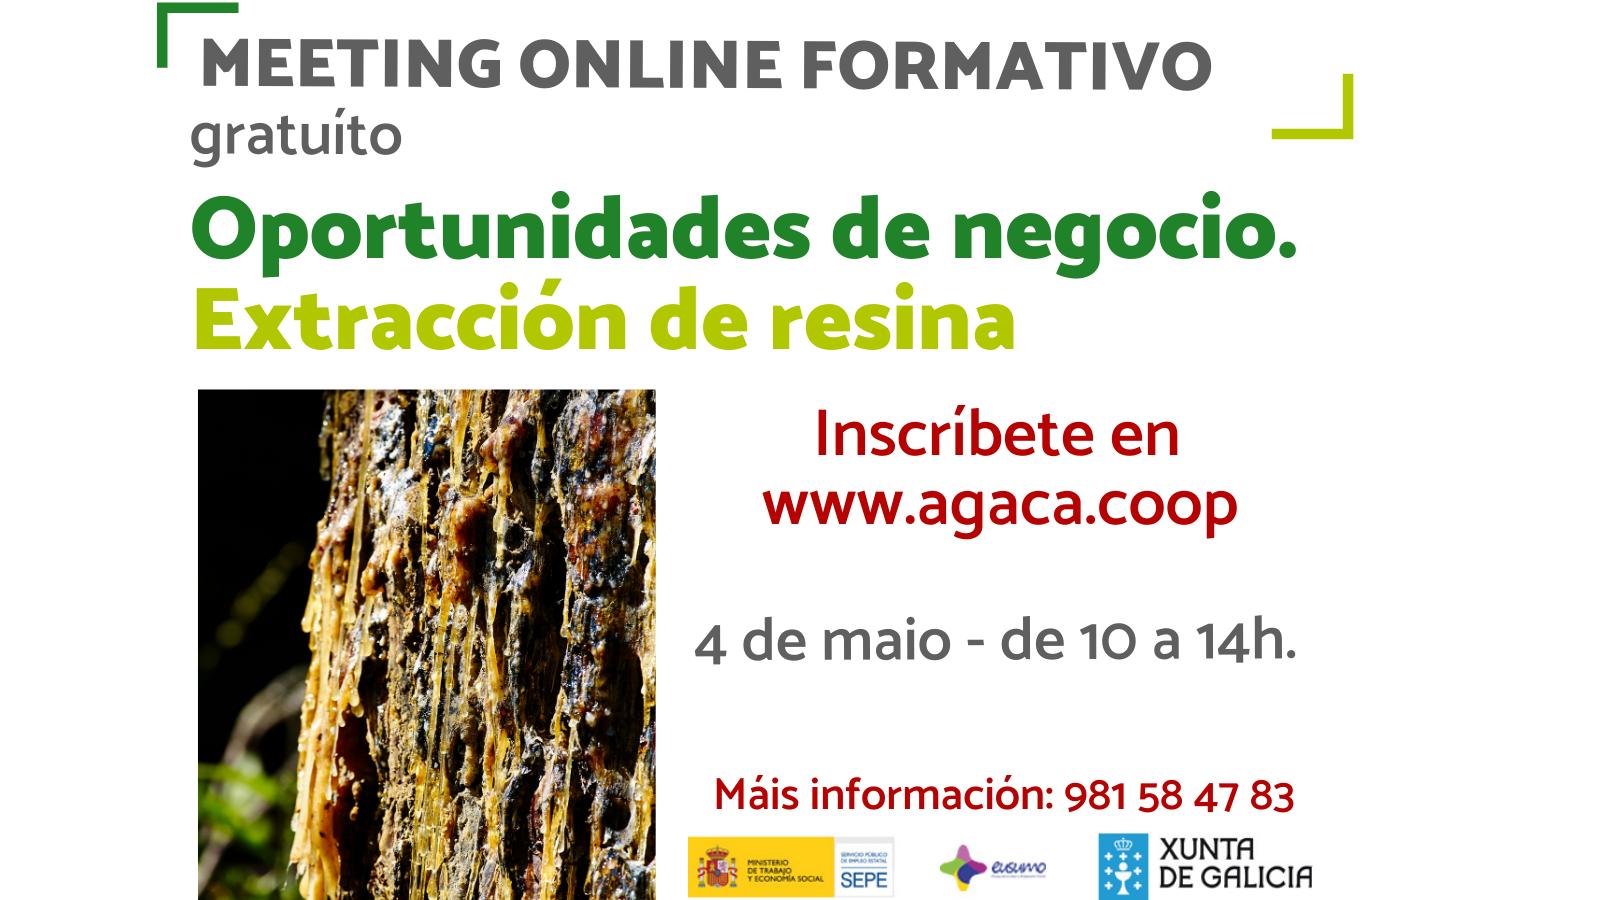 –  Inscripción – Meeting Oportunidades de negocio. Extracción de resina: 4 de mayo